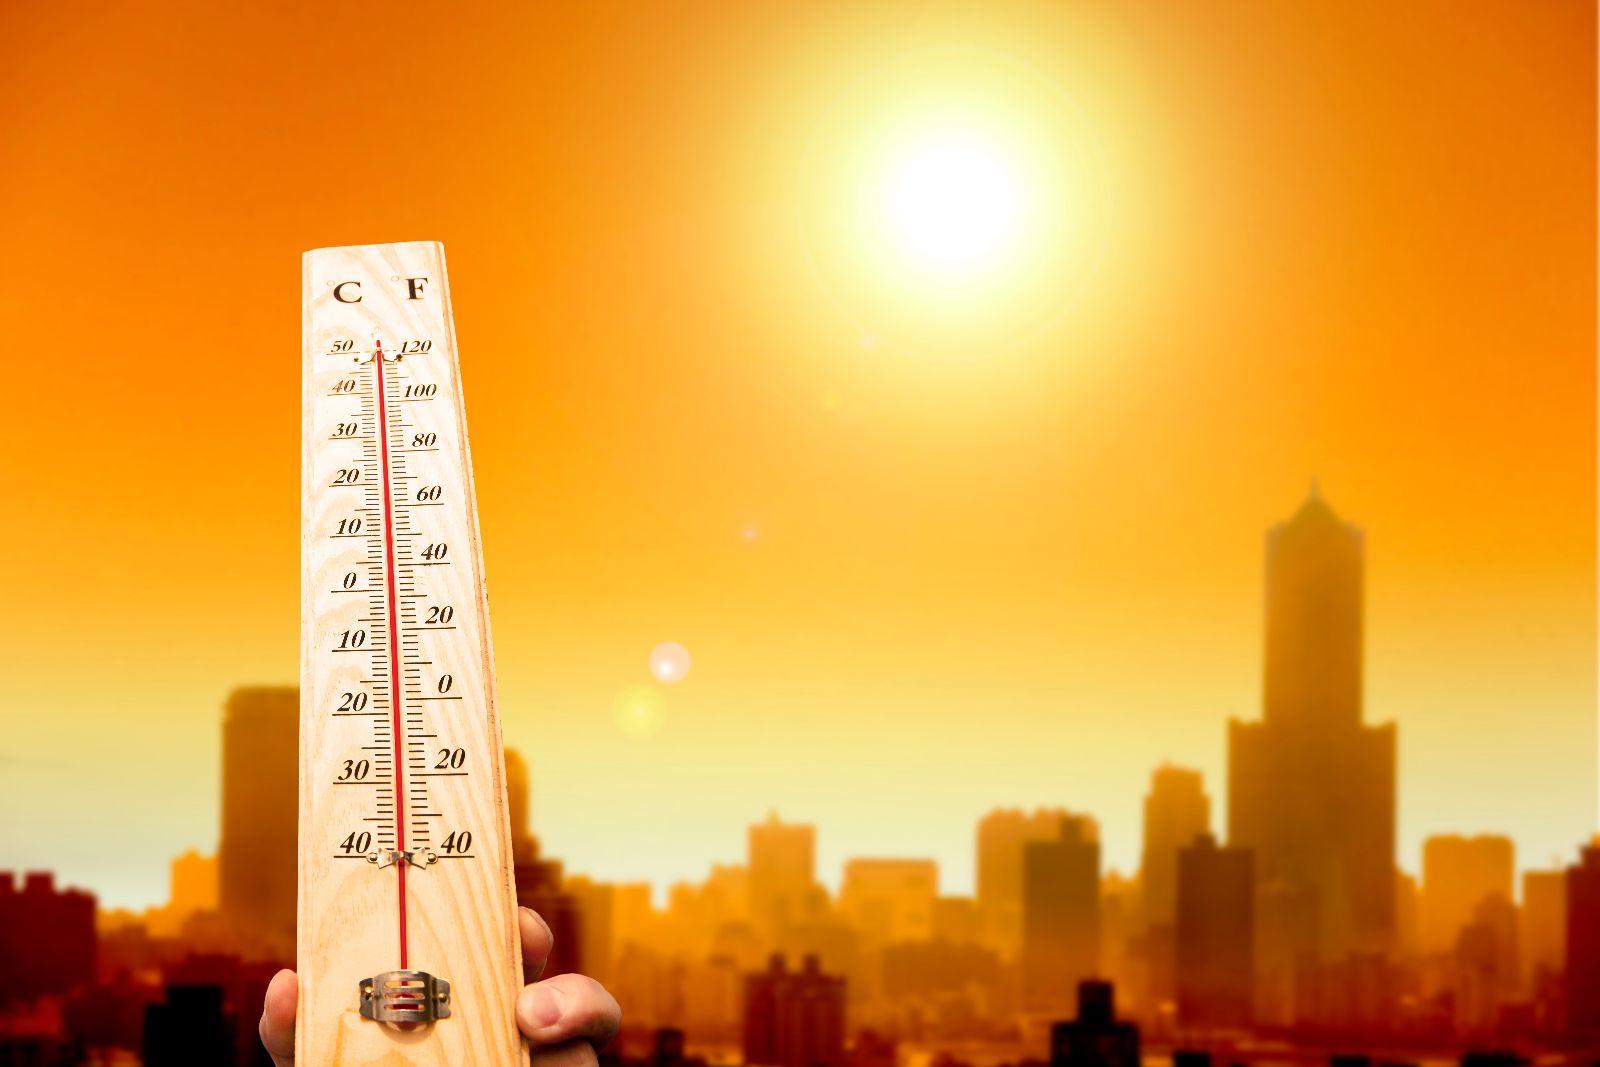 termómetro de mano muestra alta temperatura al fondo una ciudad con un sol